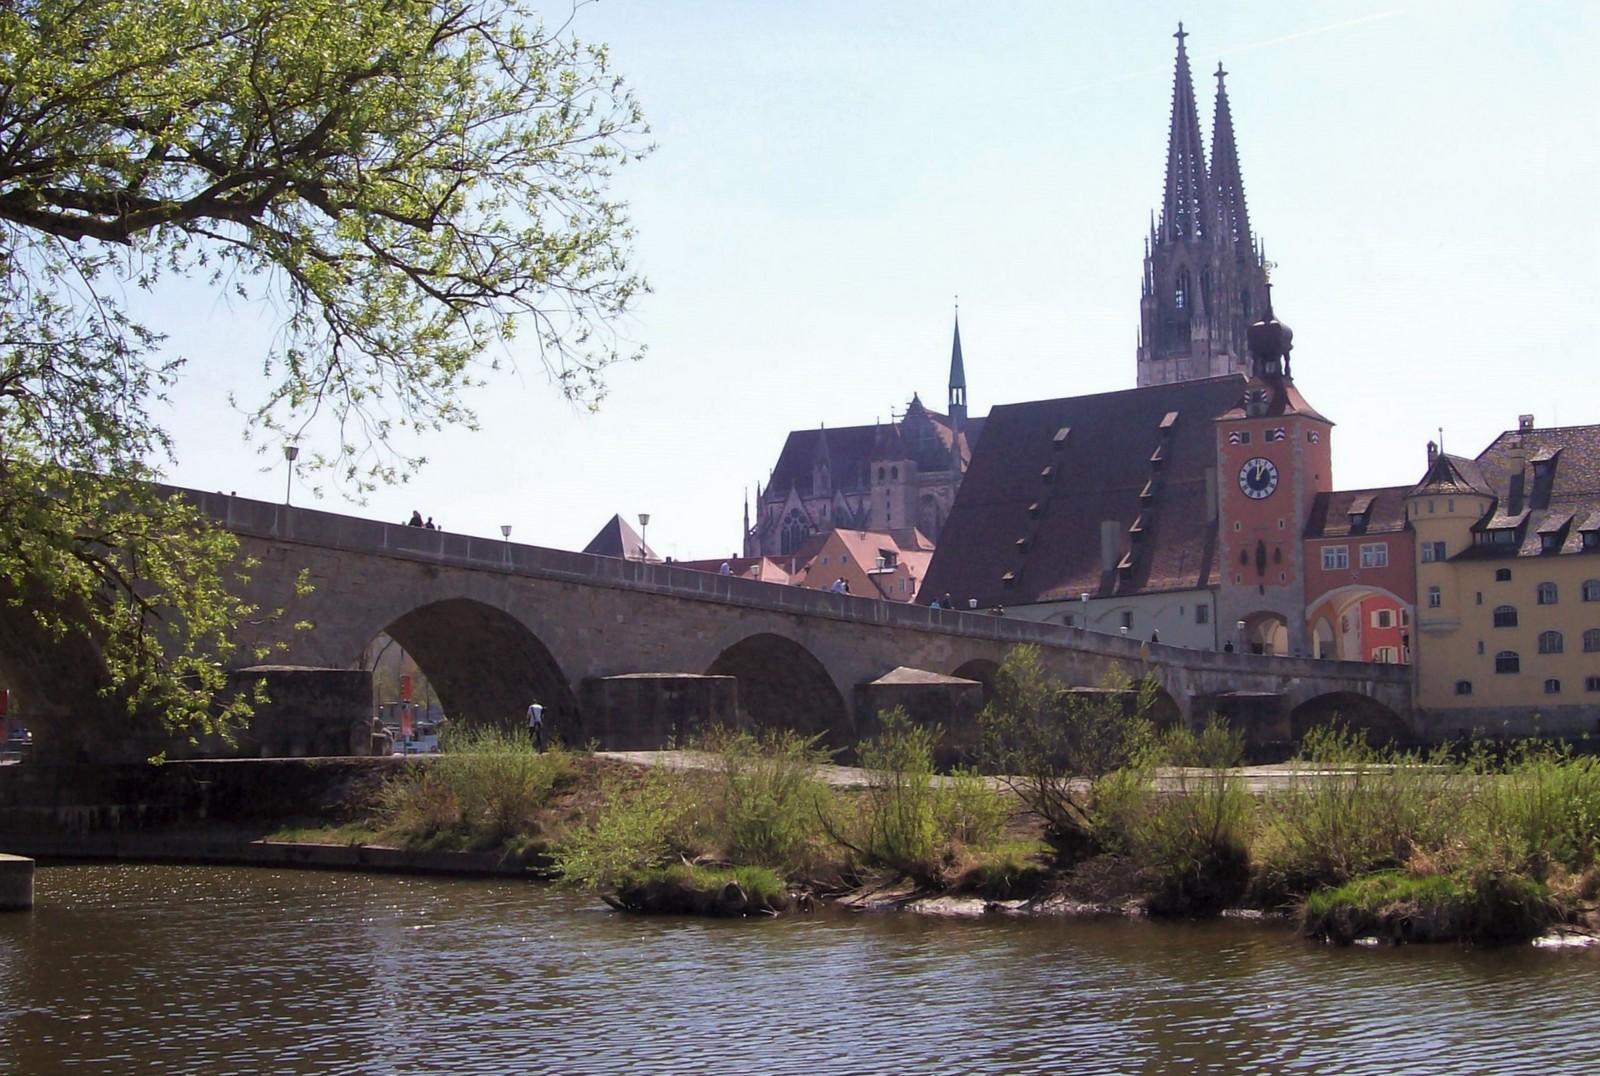 Regensburg - Steinerne Brücke mit Dom St. Peter